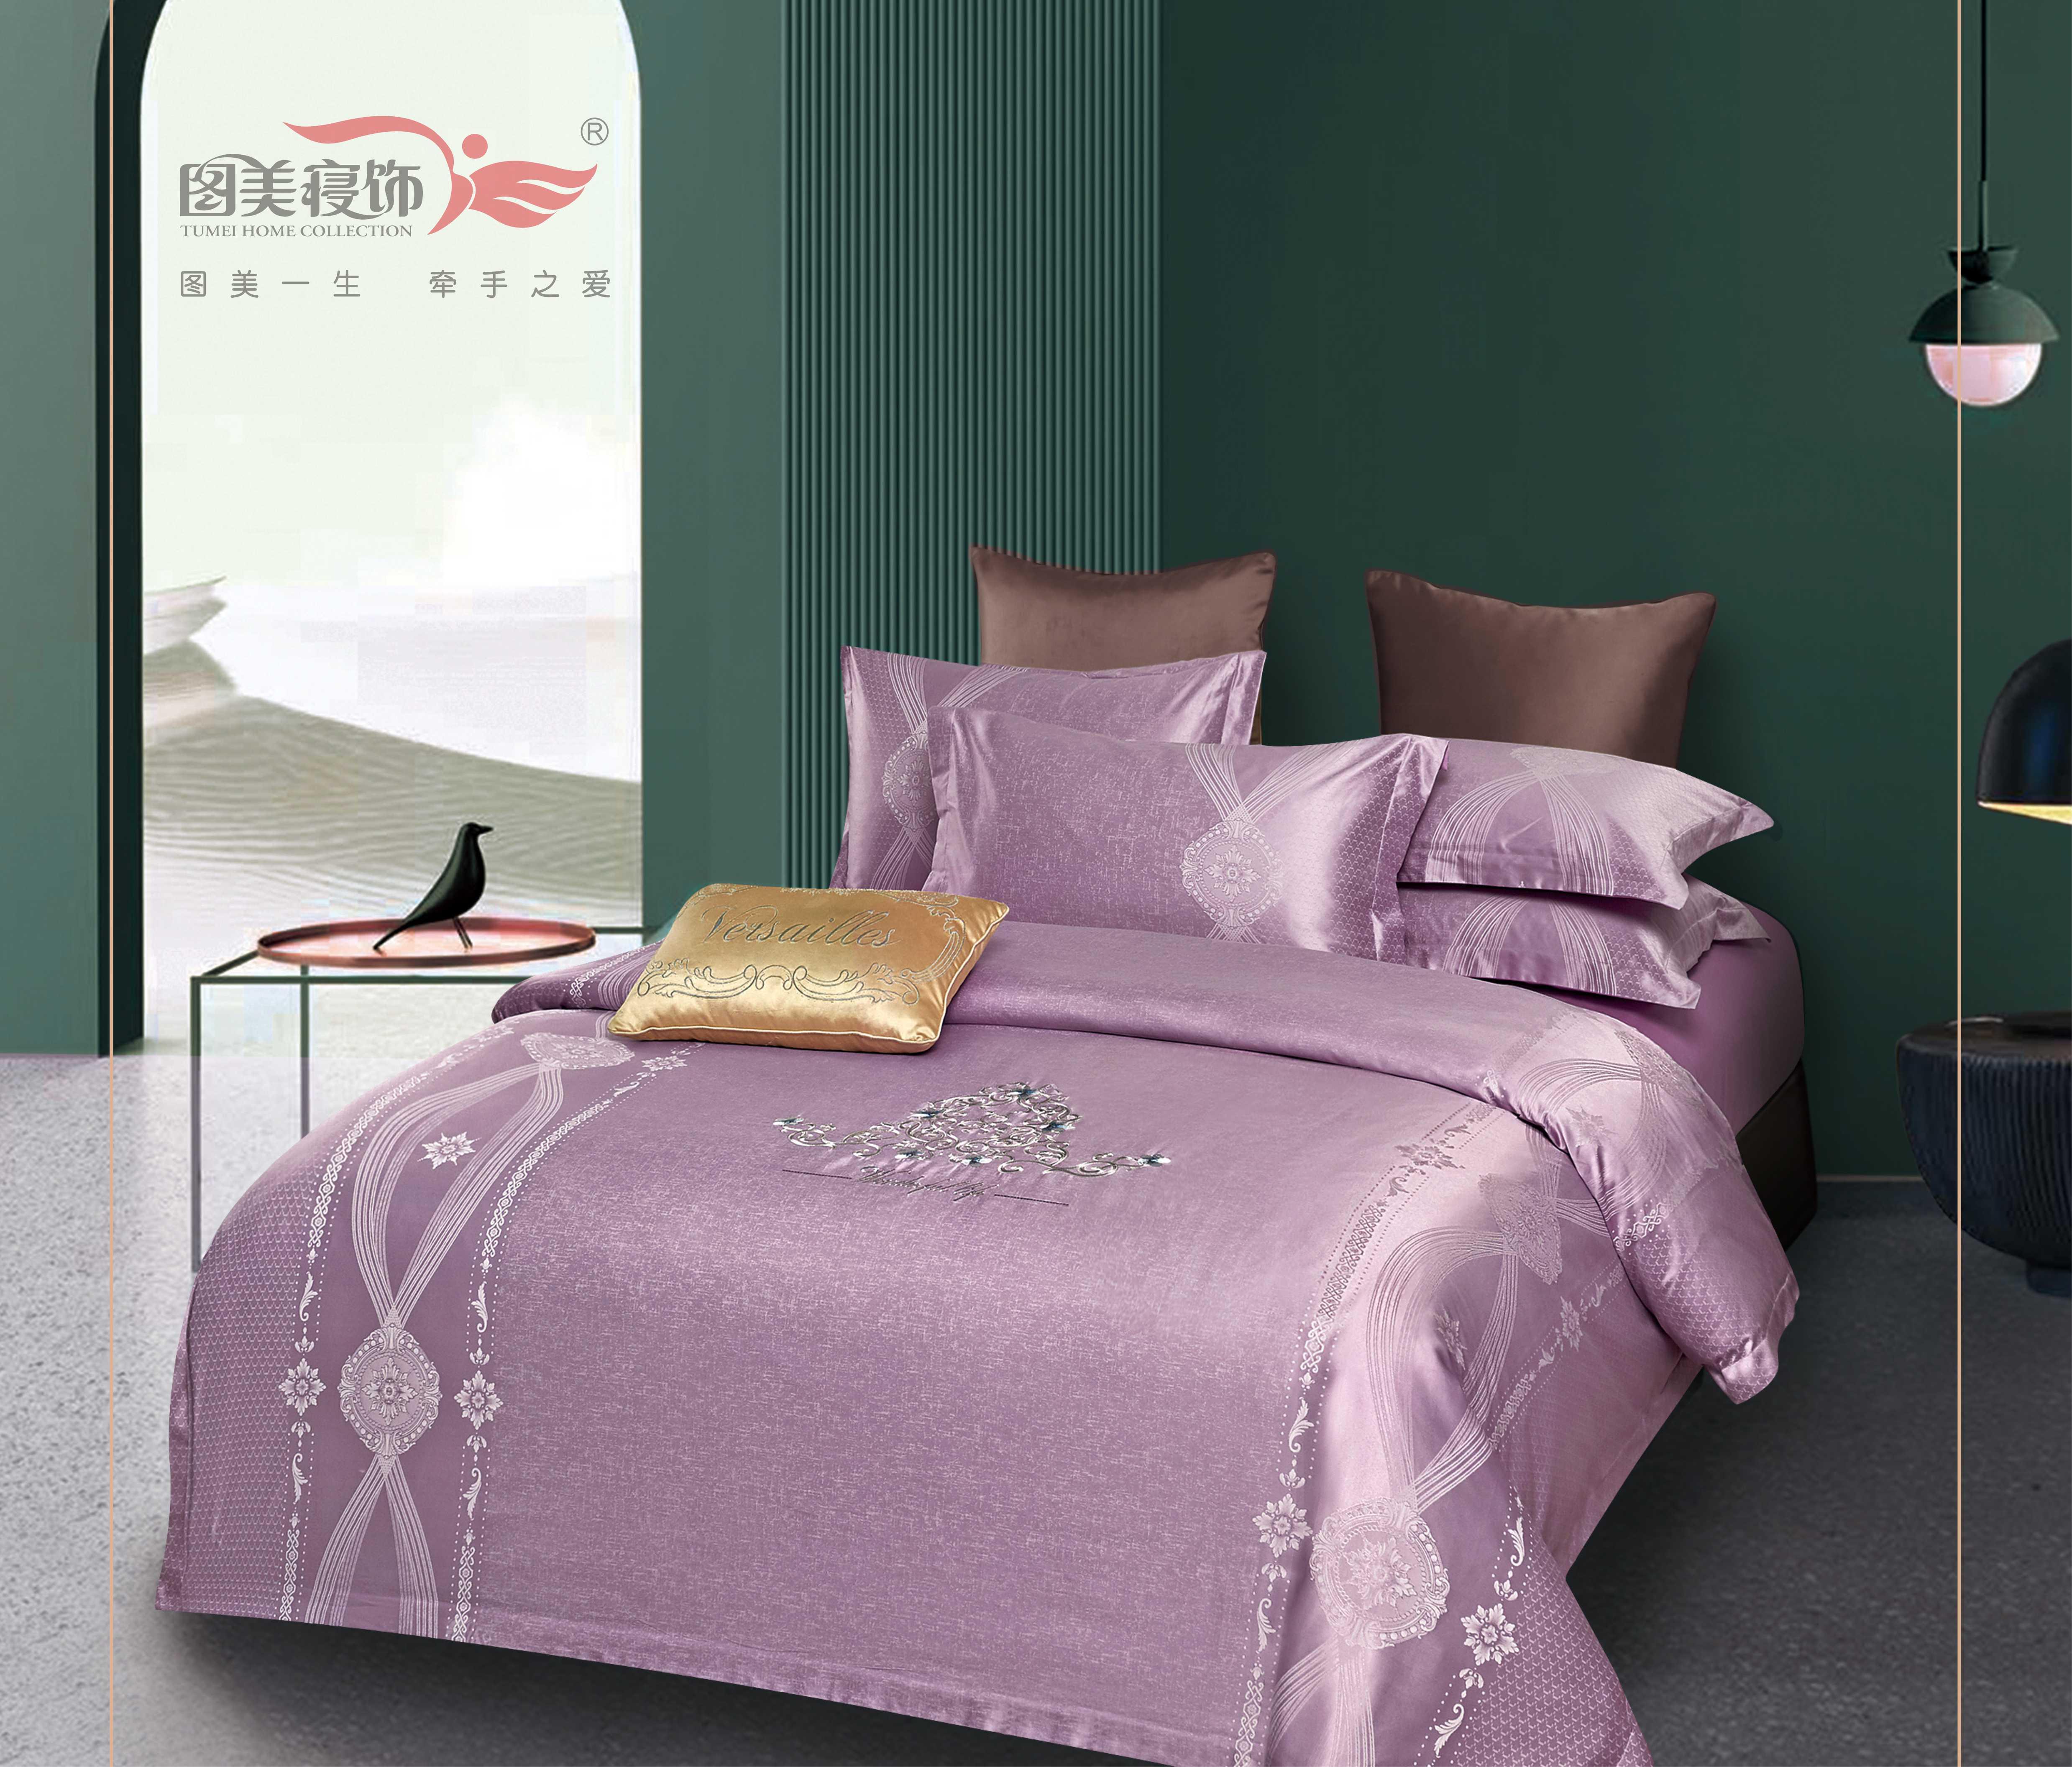 雅帝絲提花床蓋四件套-唯美之詩(木槿紫)